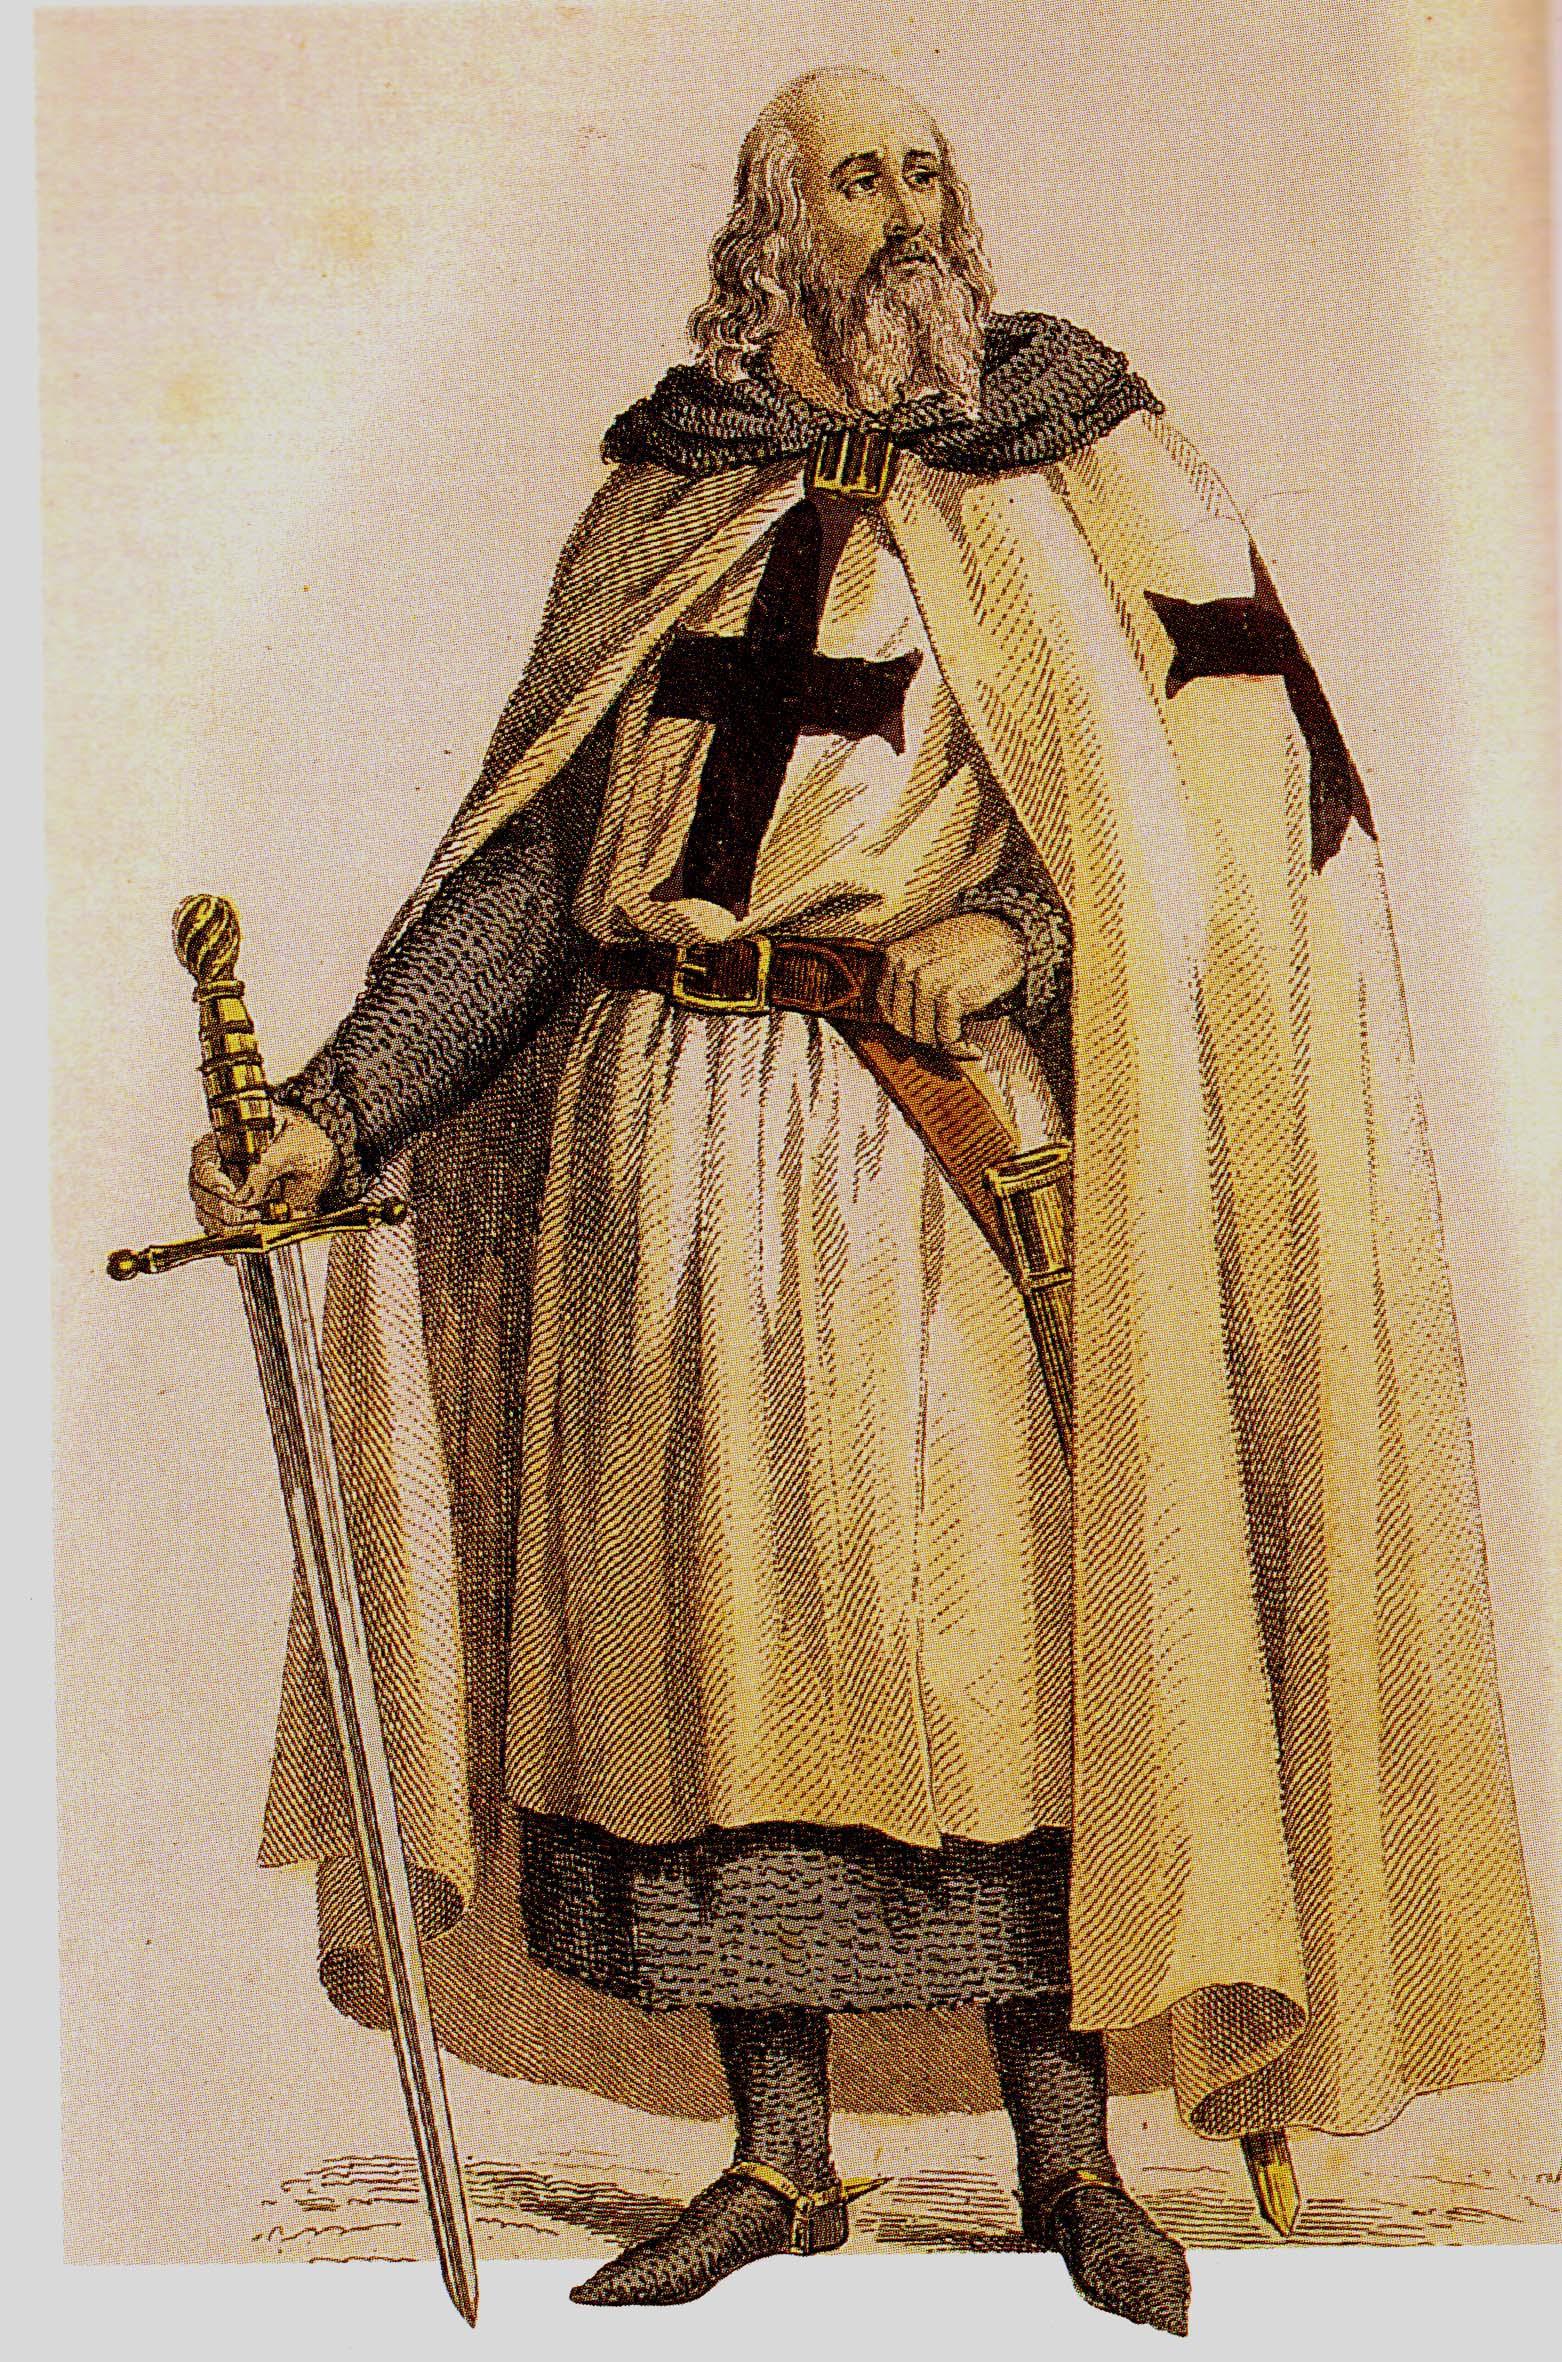 [OT] Siglo XII - XIII - XIV